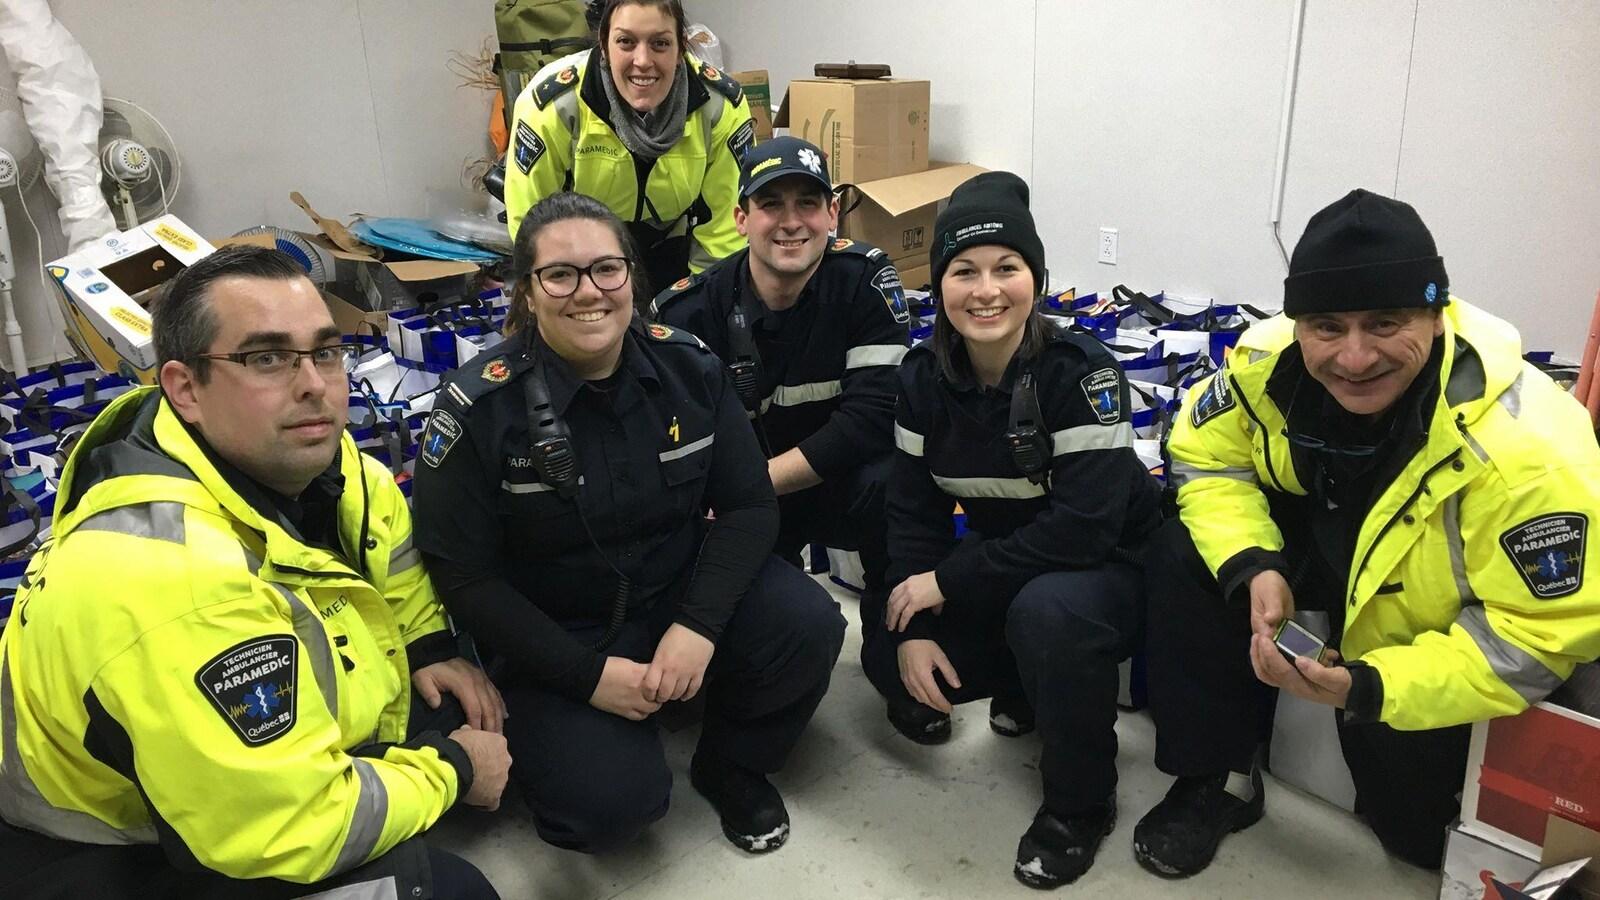 Les paramédicaux d'Ambulances Abitémis Dessercom devant les dizaines de paniers de Noël destinés à 50 familles.